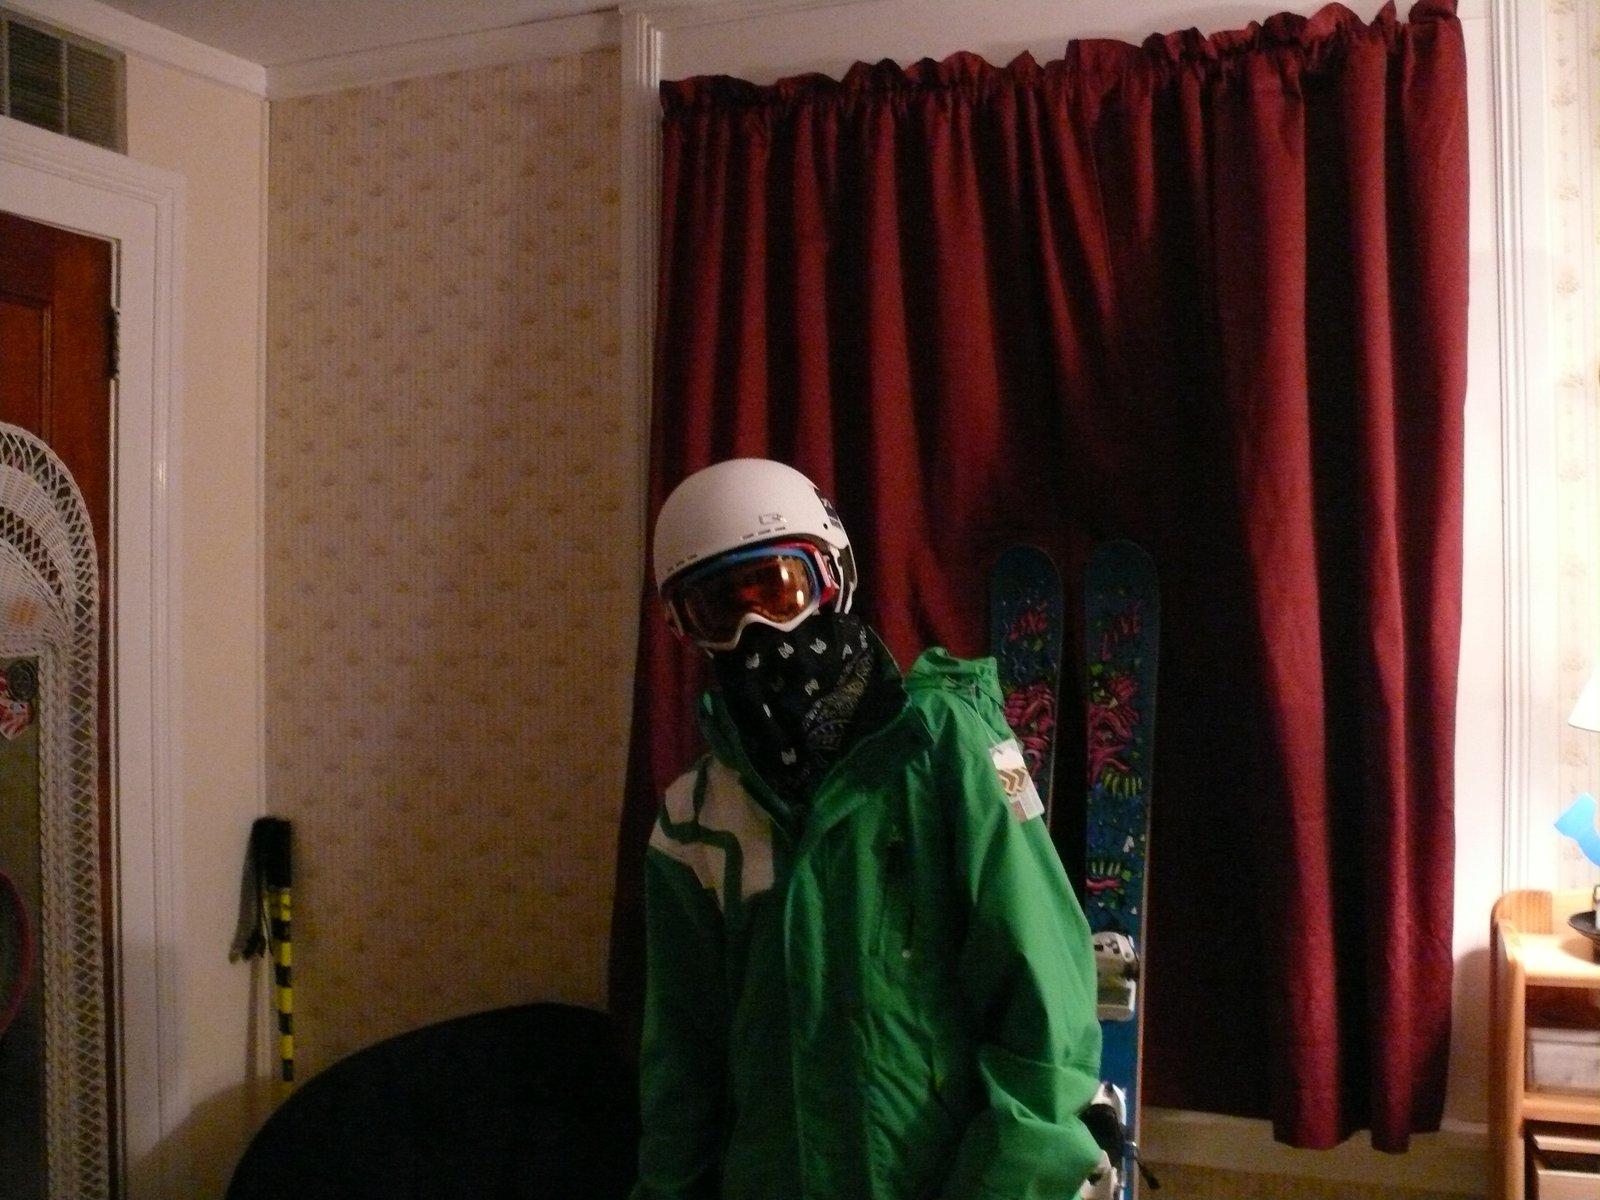 Ski stuff - 5 of 10